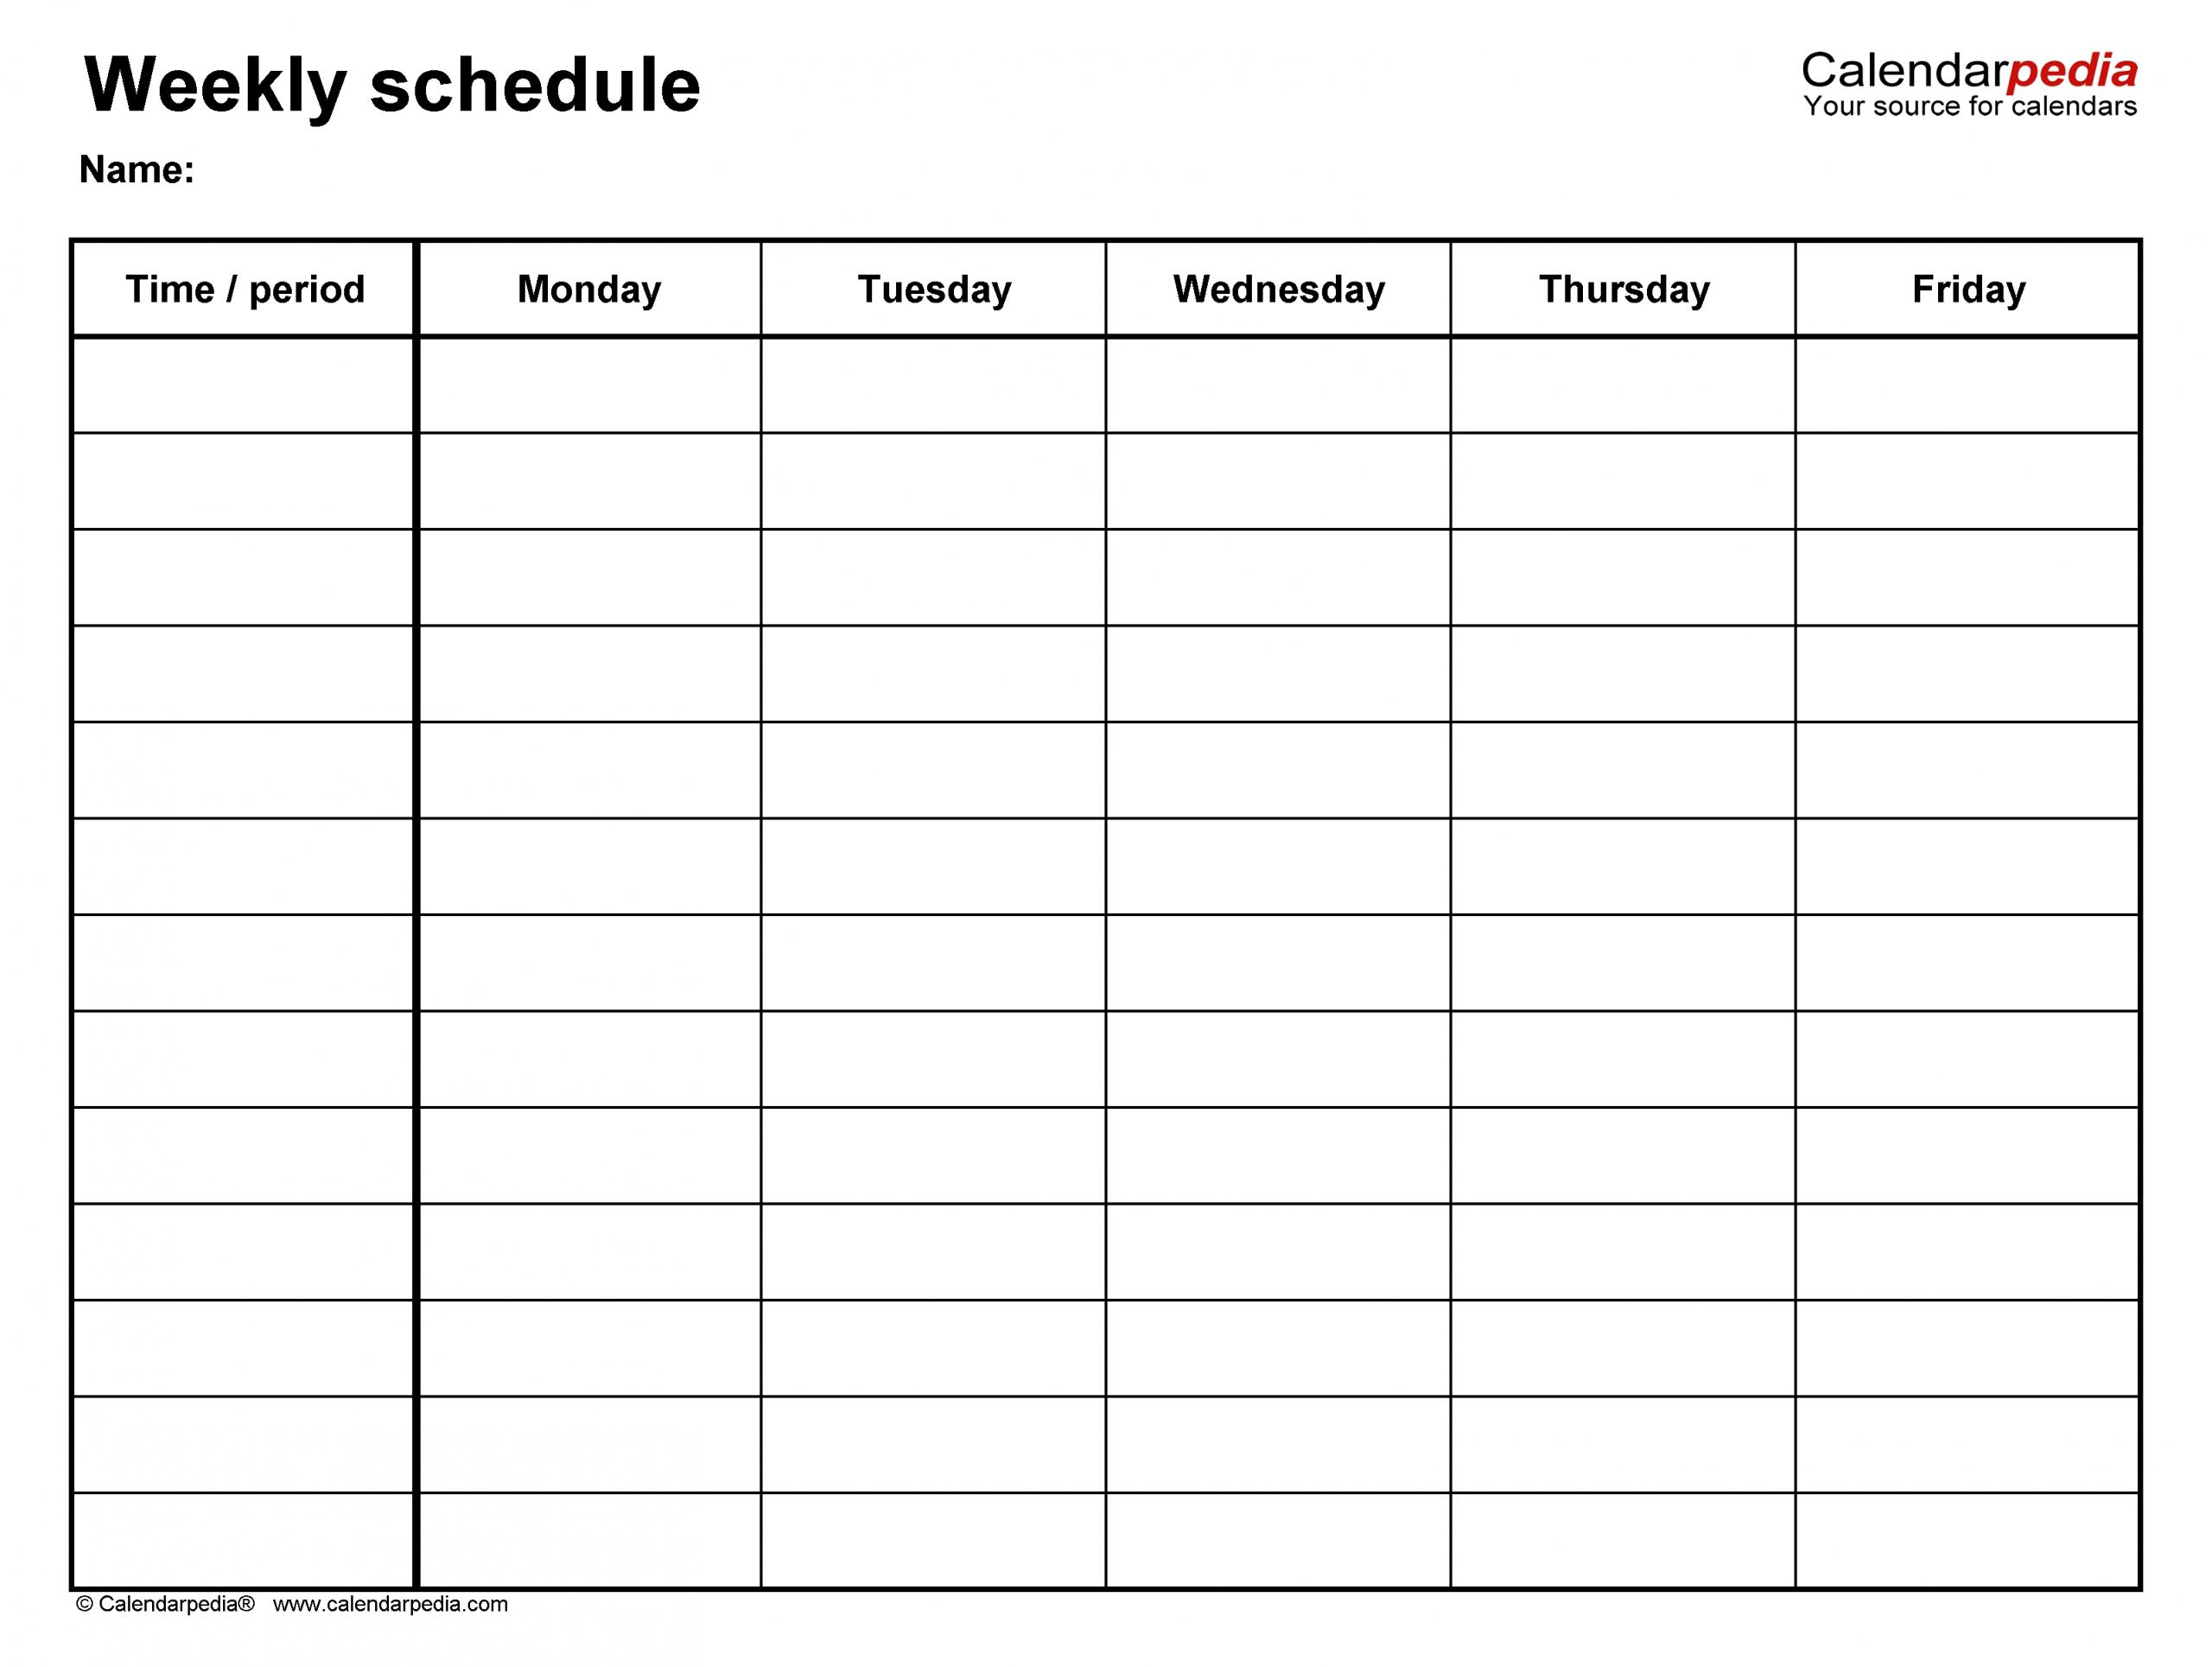 Printable Weekly Calendar Monday Through Friday | Ten Free Printable Calendar 2020-2021